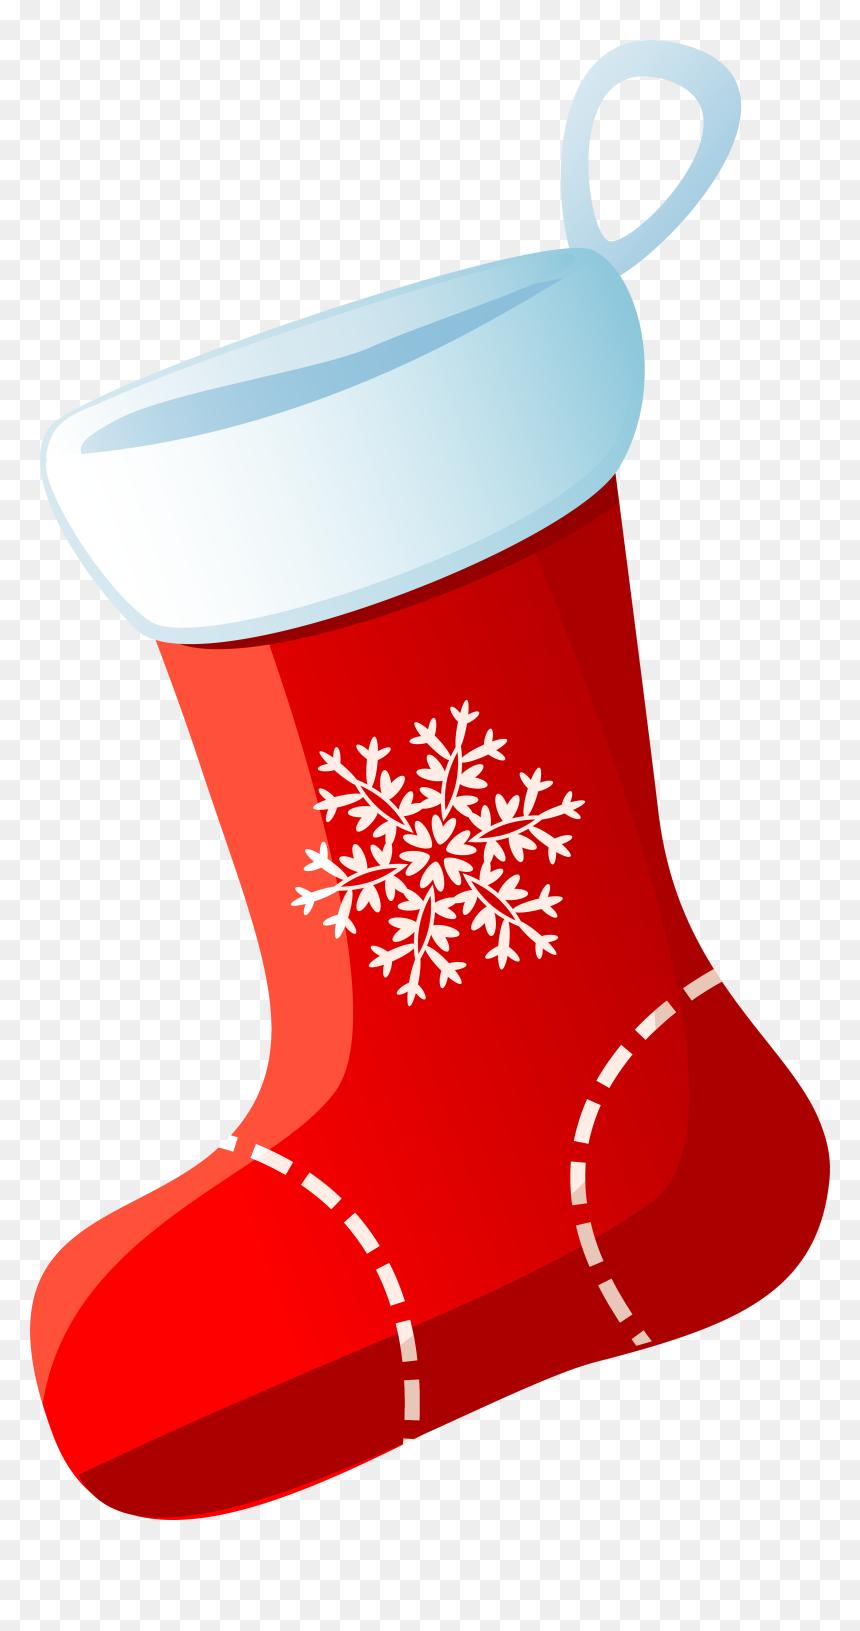 Christmas Stocking Sock - Christmas Ornament Christmas ... (860 x 1631 Pixel)